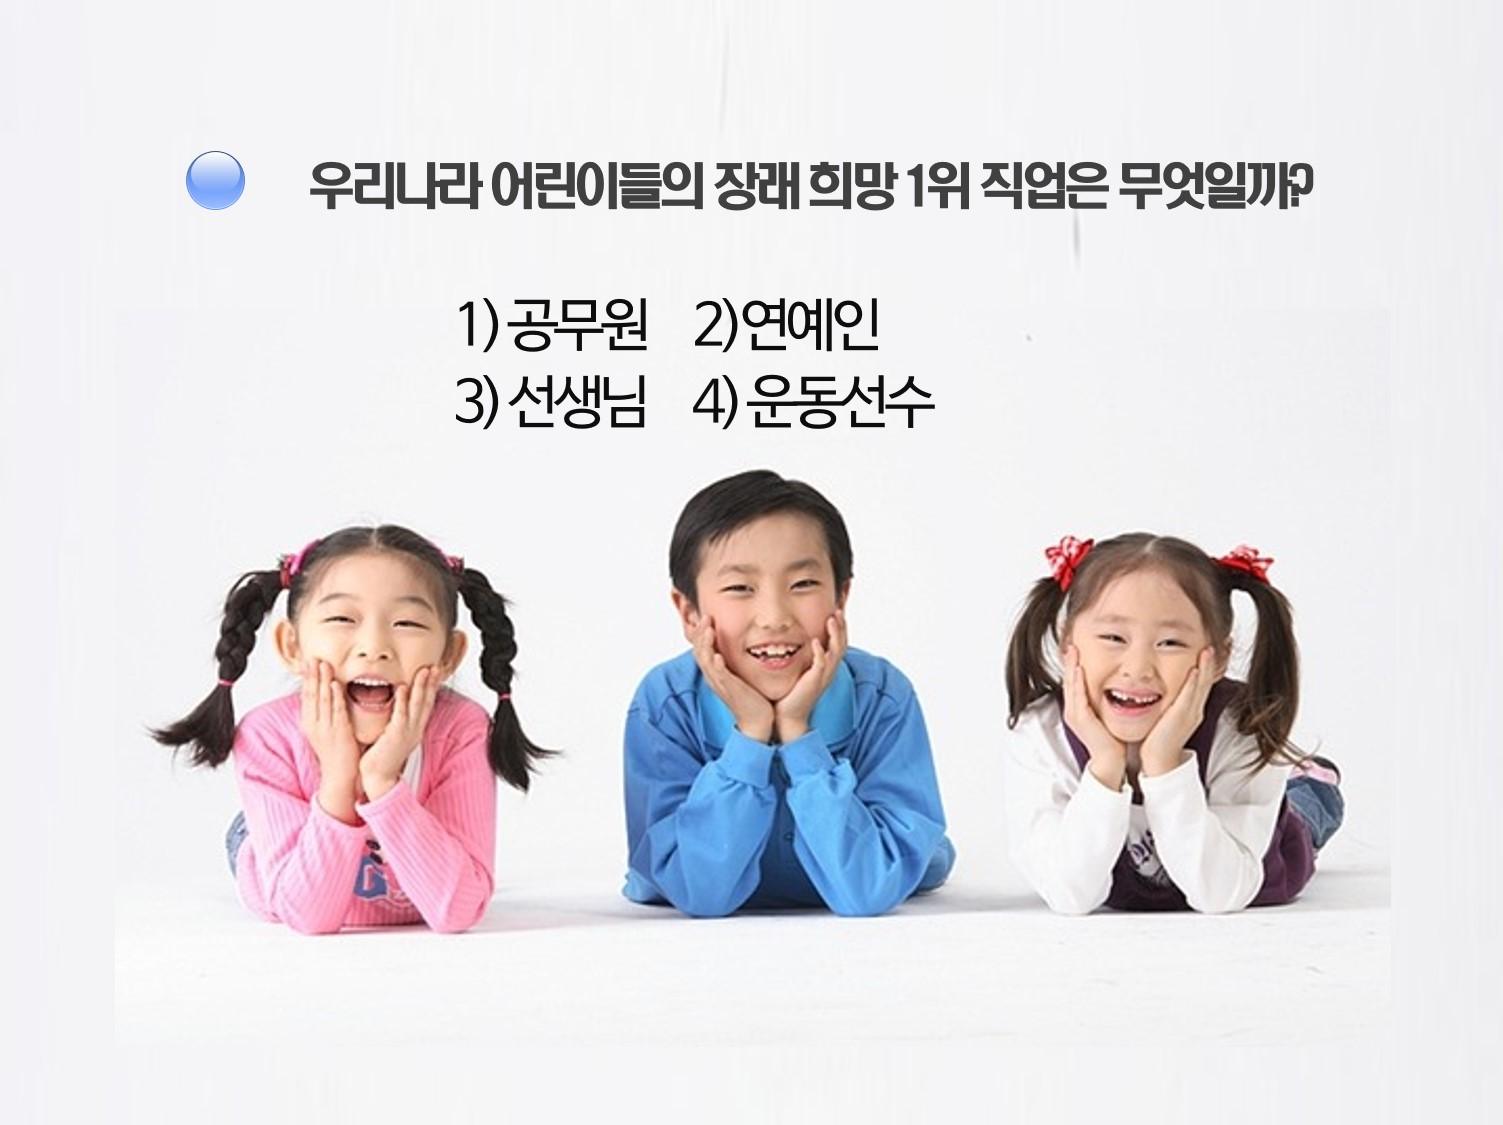 한국 학생의 선호도 1위 직업은 뭘까?